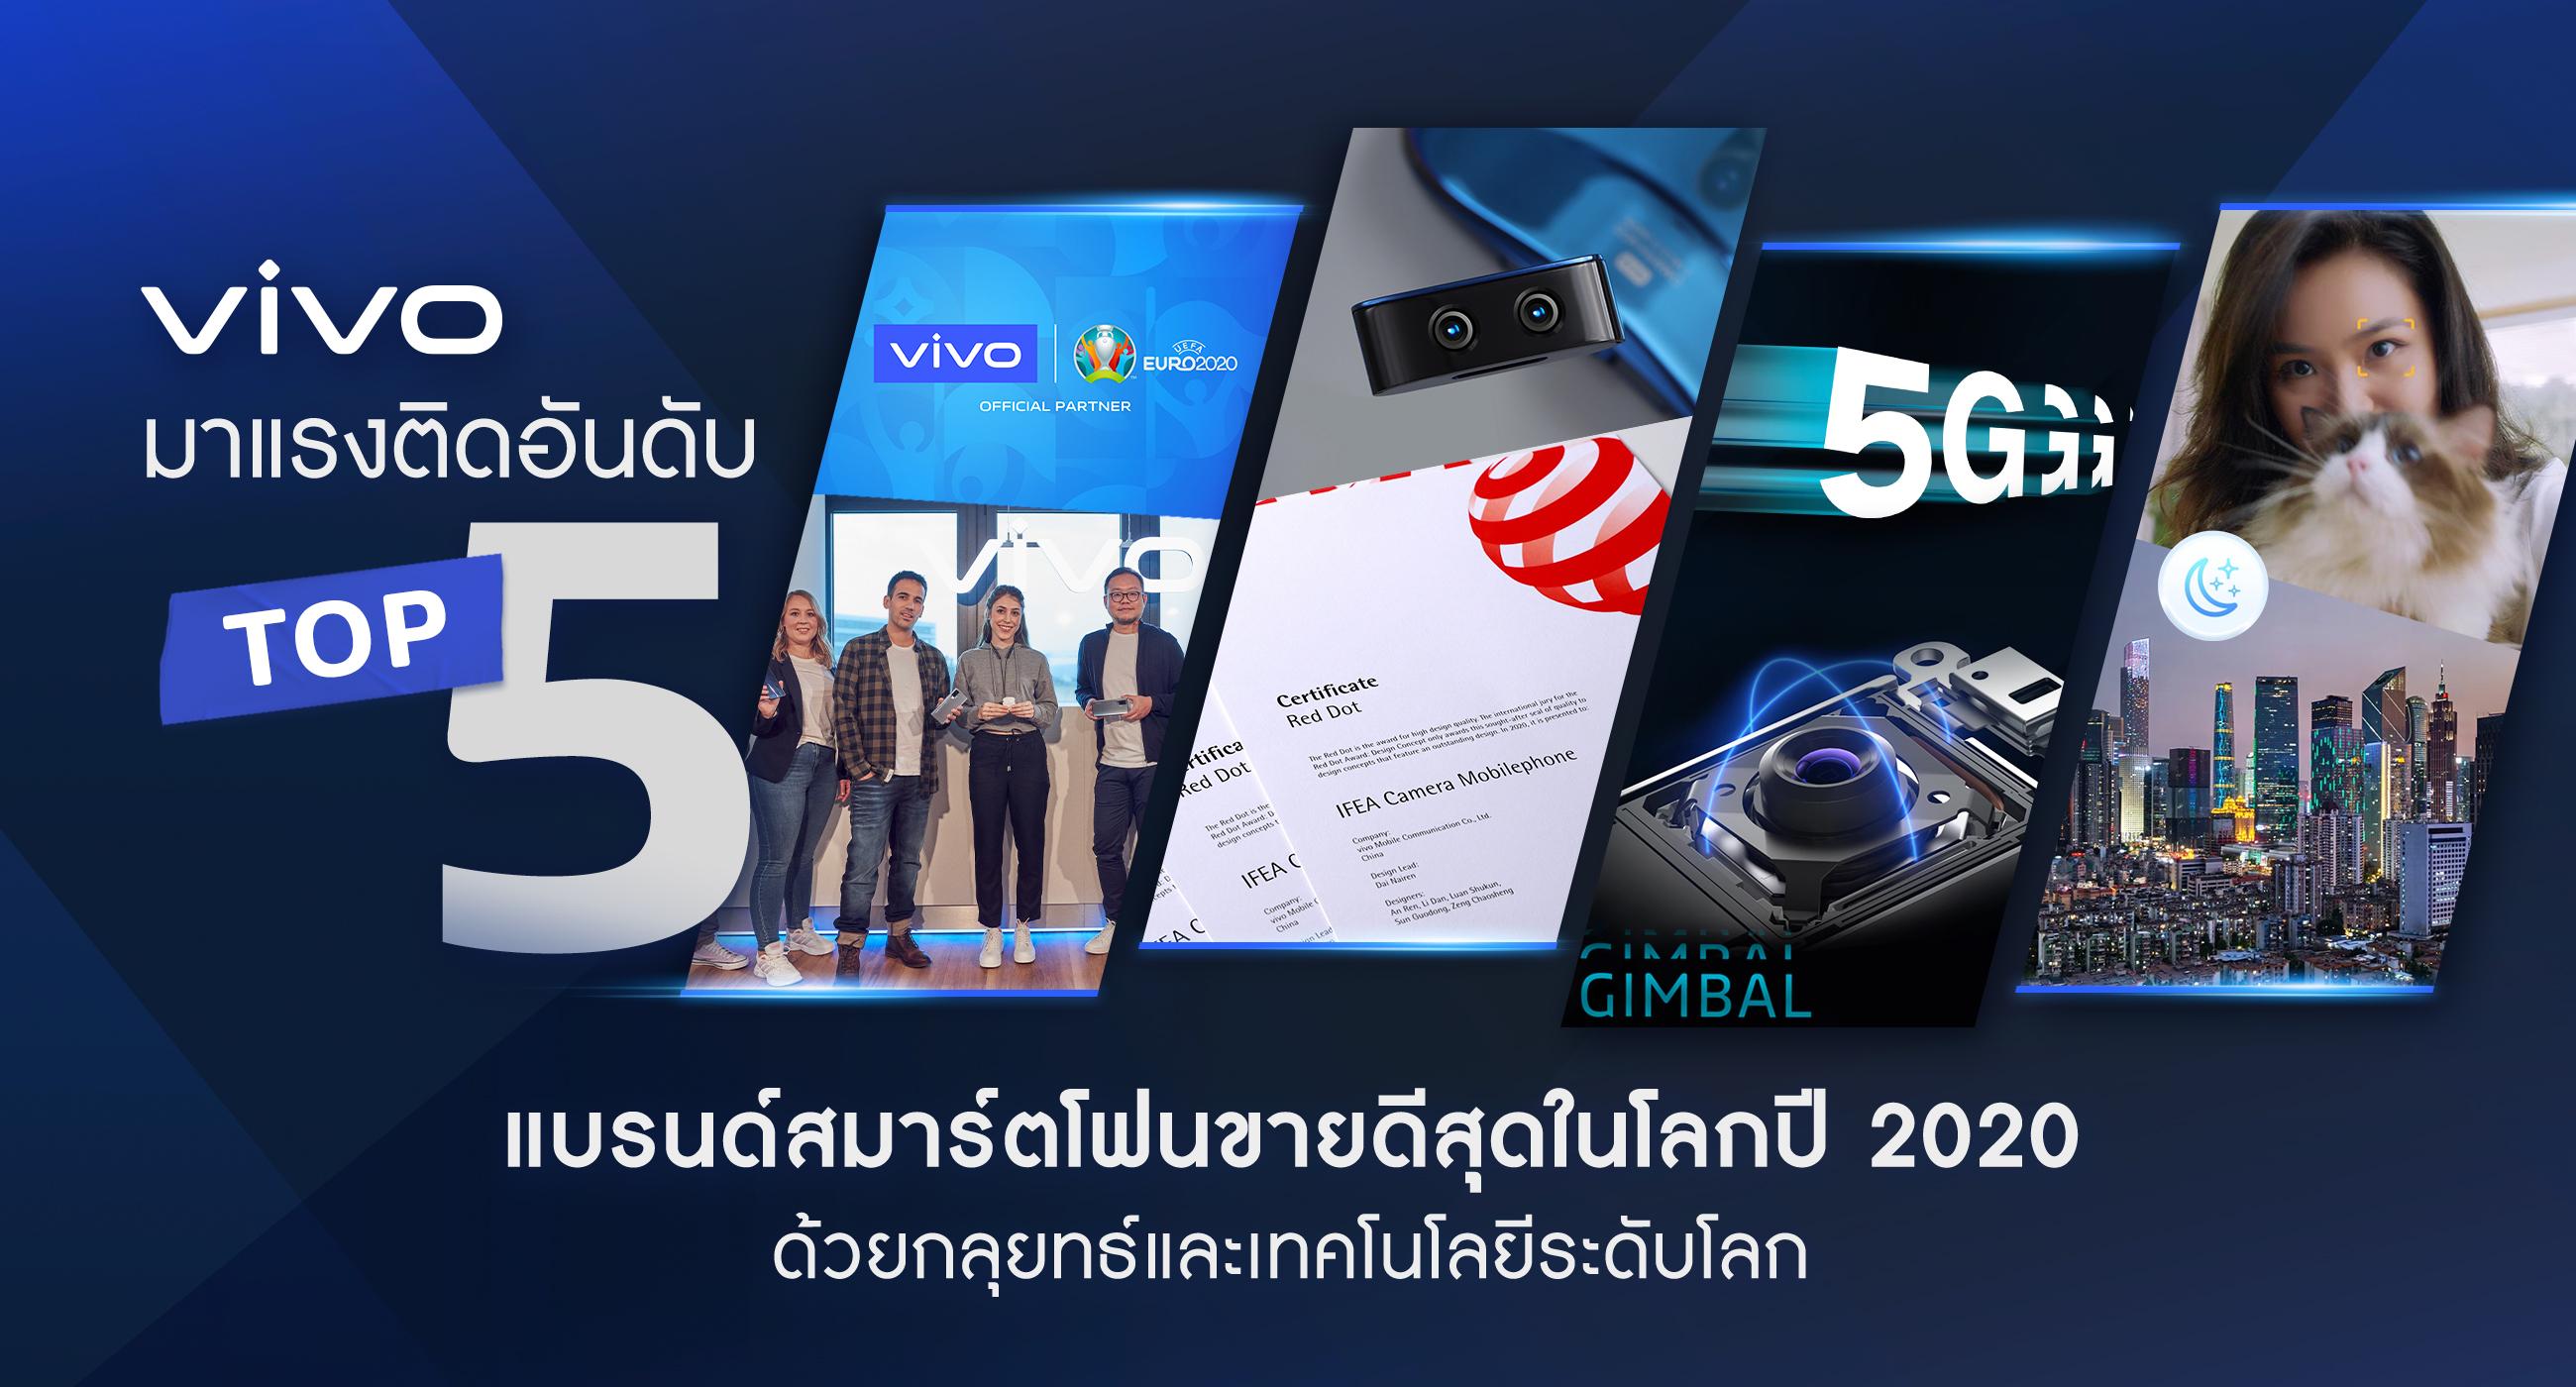 Vivo ติดอันดับท็อป 5 แบรนด์สมาร์ตโฟนยอดขายสูงสุดในโลก พิสูจน์แบรนด์คุณภาพ ครองใจผู้ใช้ทั่วโลก